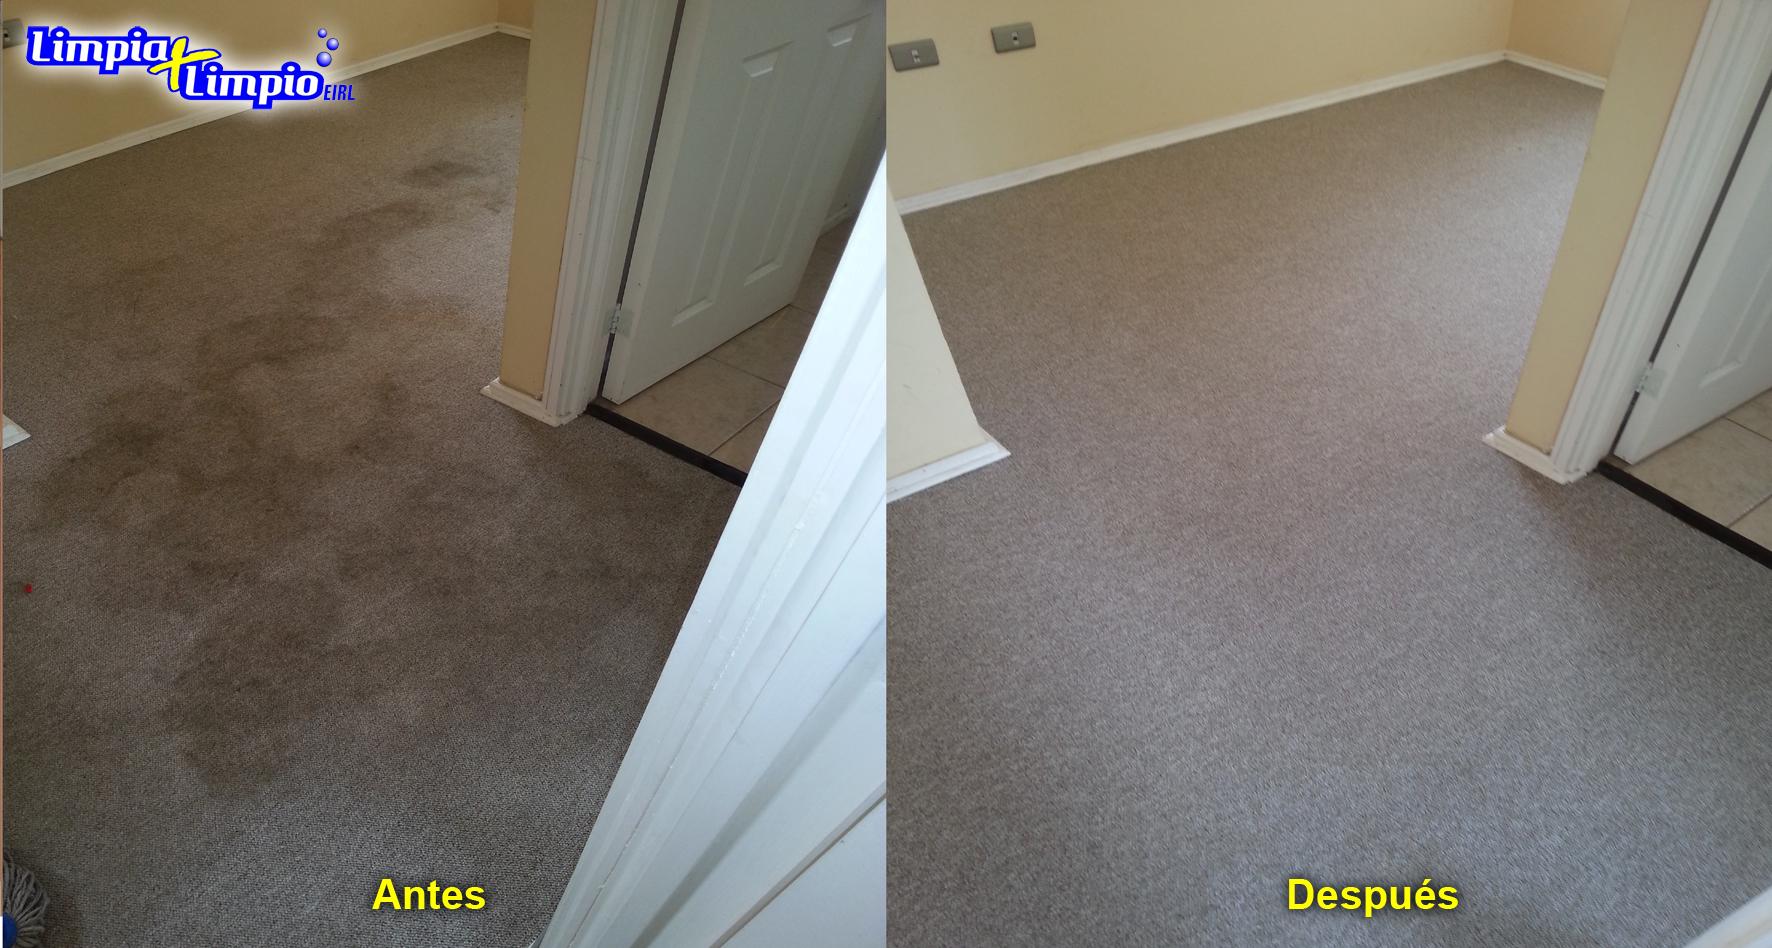 Como limpiar alfombras en seco excellent limpieza y - Como limpiar alfombras en seco ...